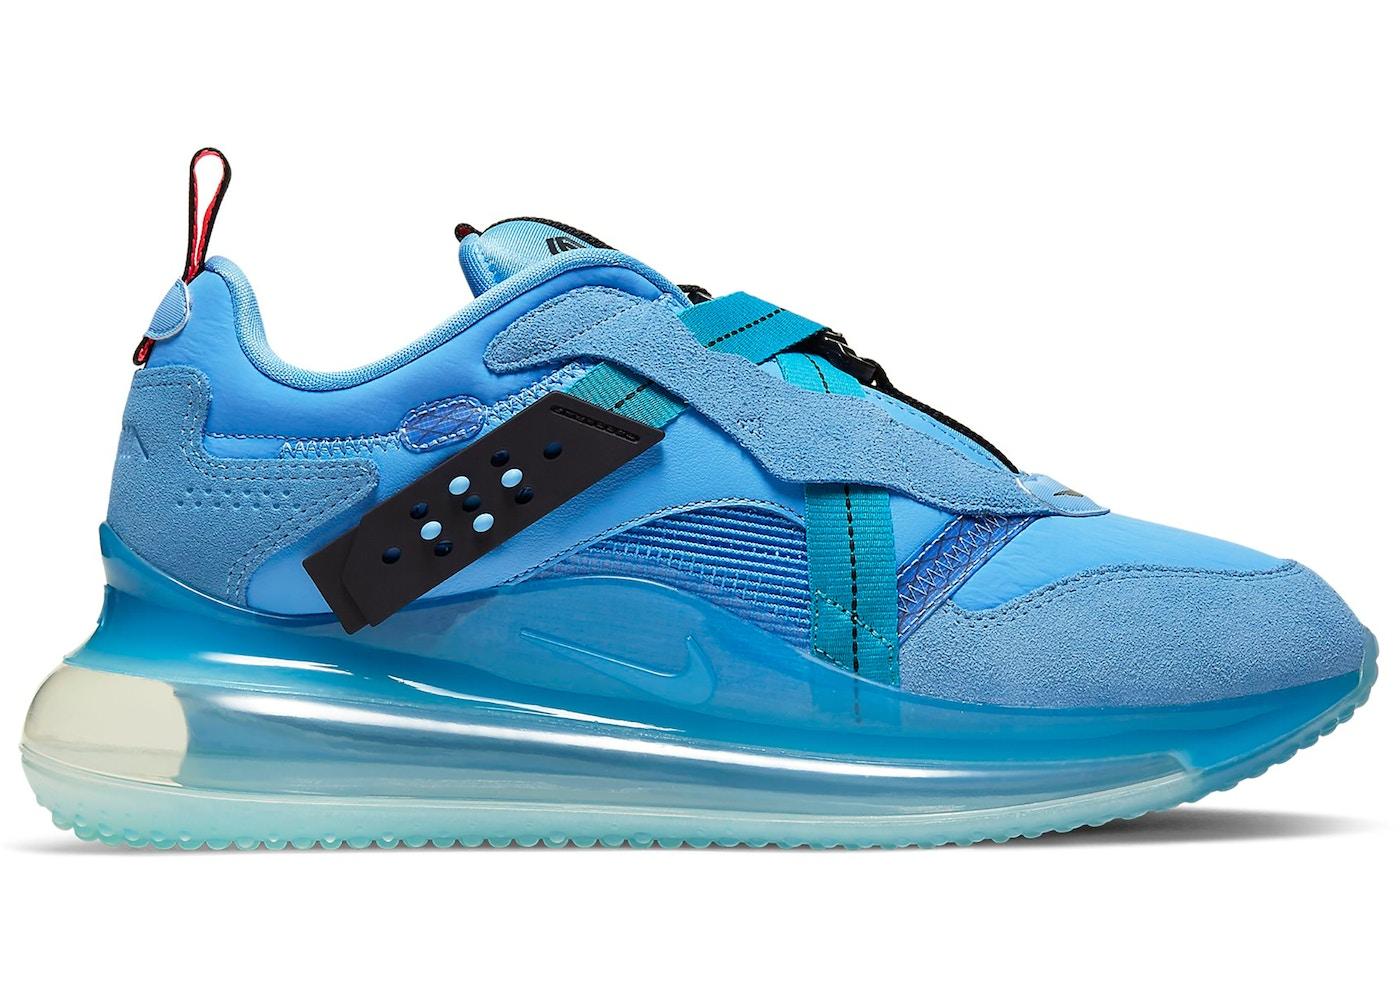 Nike Air Max 720 OBJ Slip University Blue